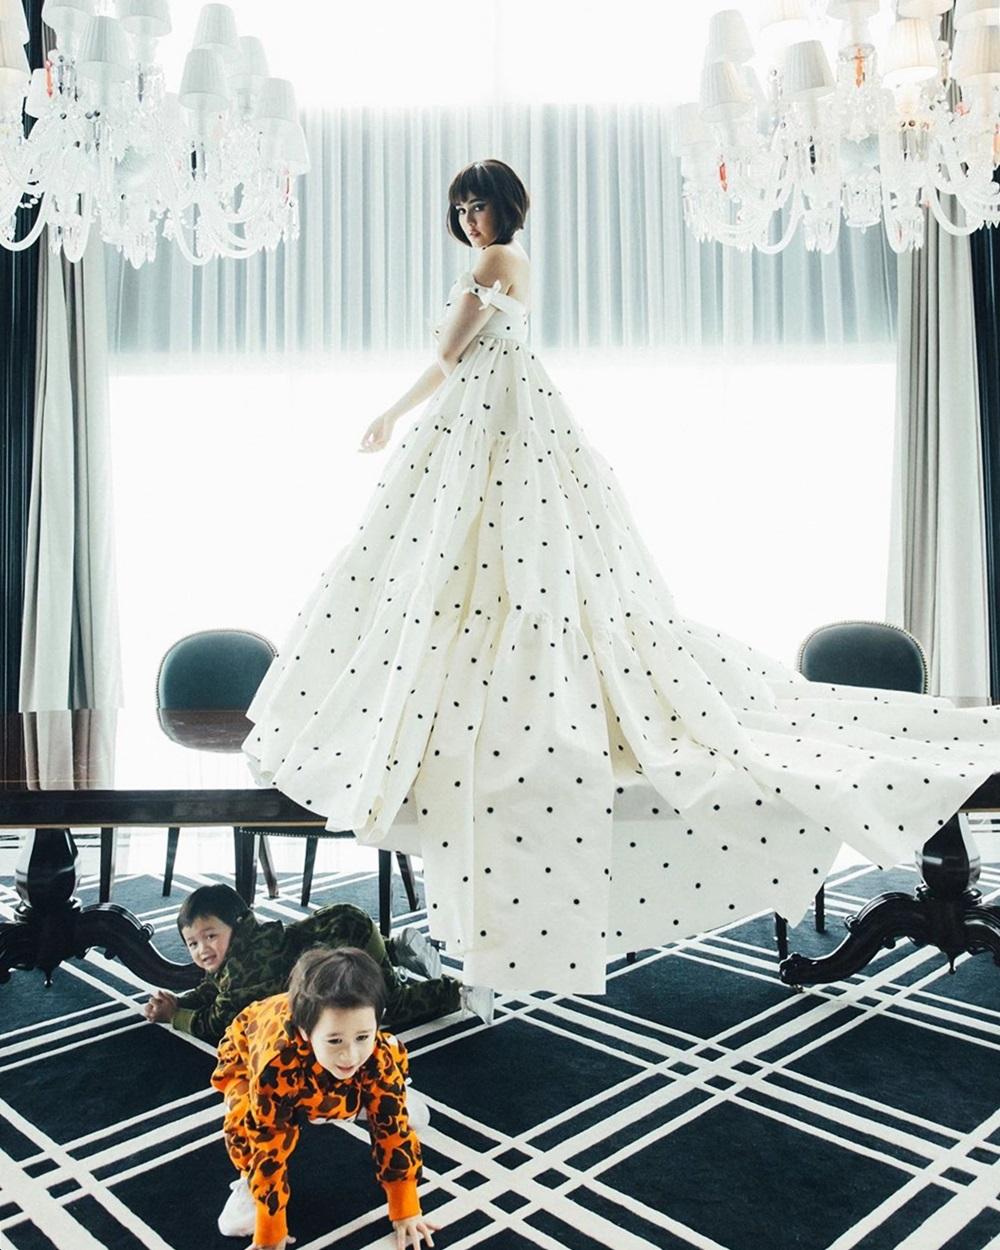 Hôm 28/6, doanh nhân Nott Visrut đăng ảnh vợ mặc đầm chấm bi tạo dáng như nữ hoàng, còn hai con trai bò khắp sàn kèm lời nhắn: Chúc mừng sinh nhật Mama. Em biết mà, bọn anh đều yêu em. Năm nào anh cũng dành thời gian đón tuổi mới cùng vợ.